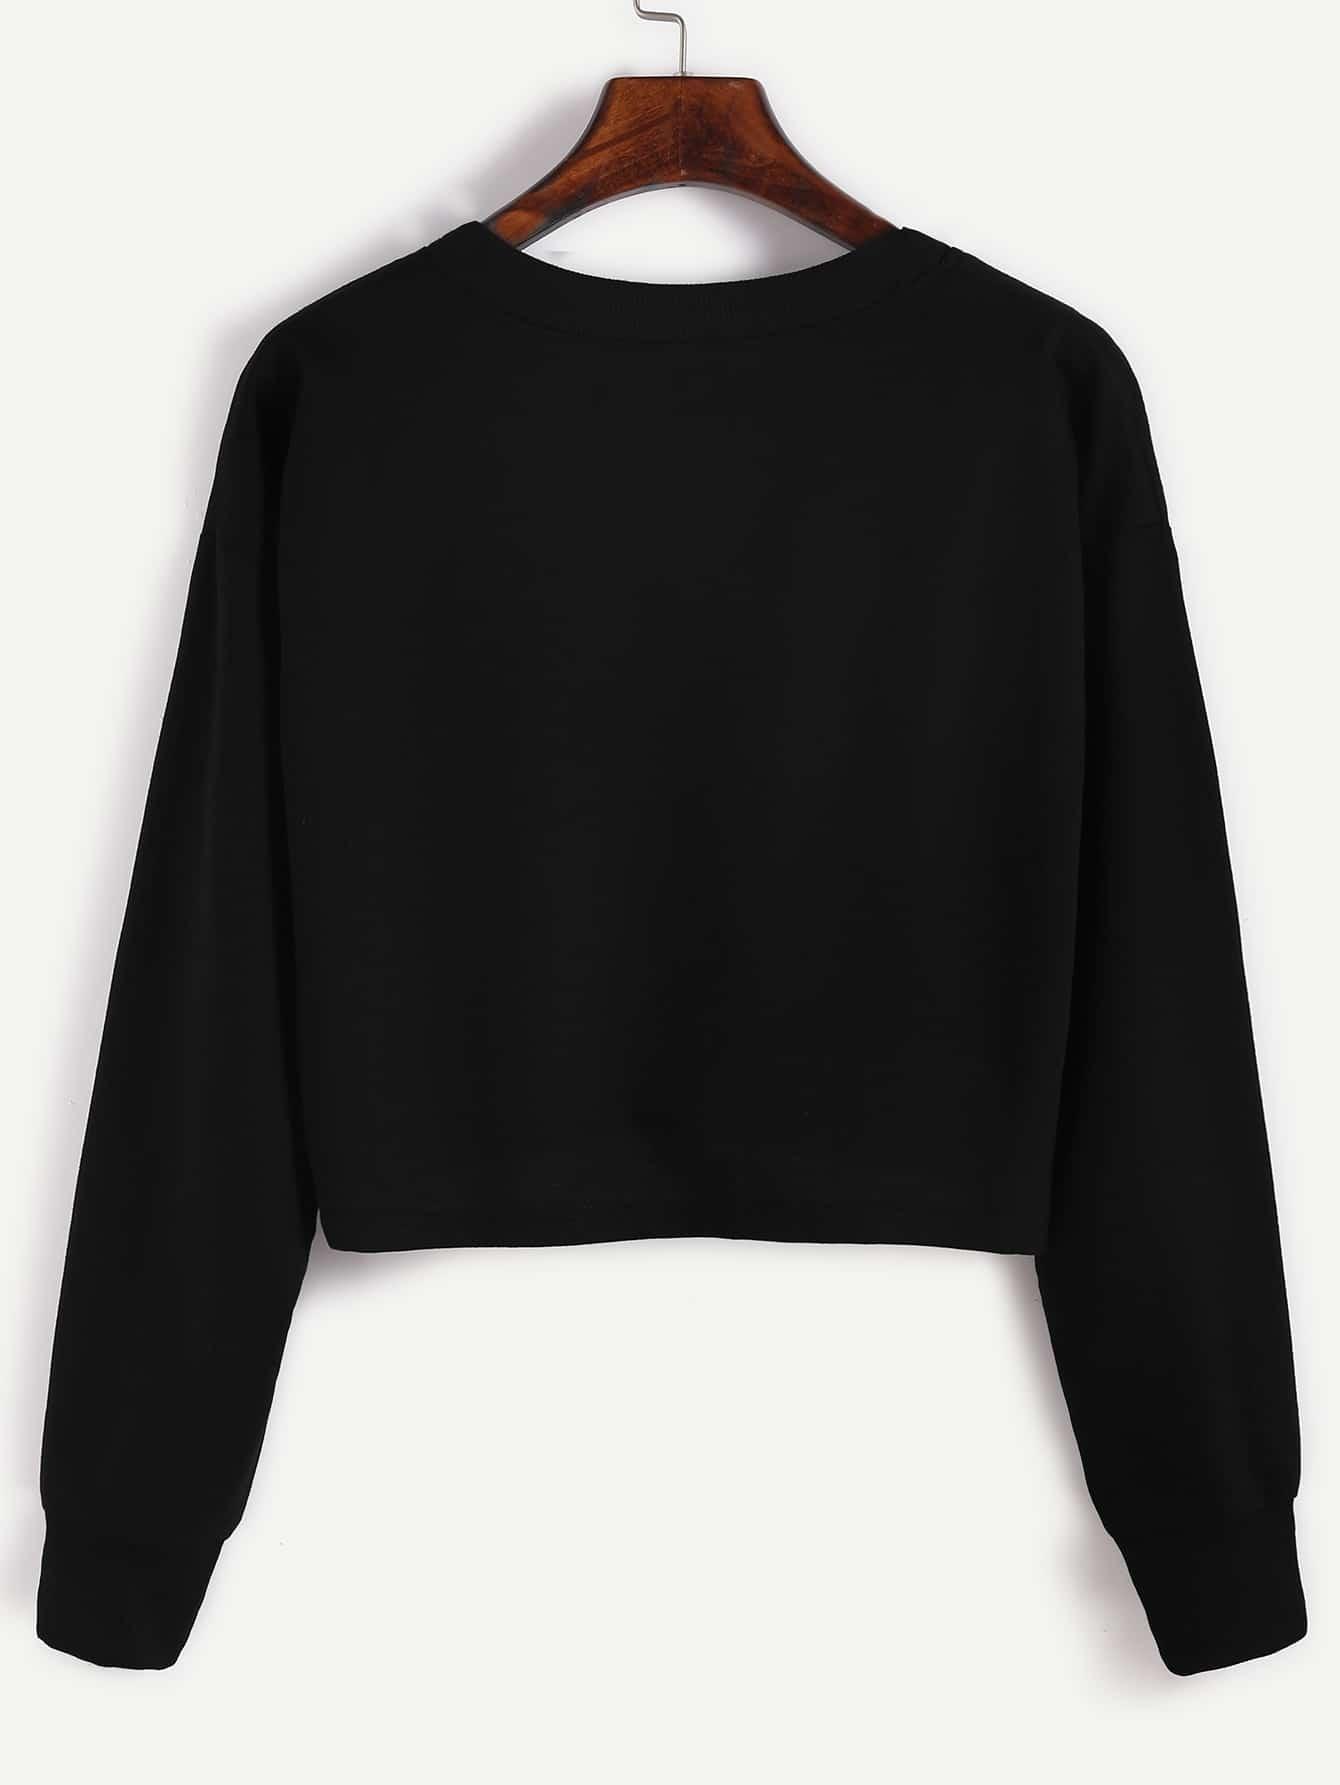 sweatshirt160922002_2